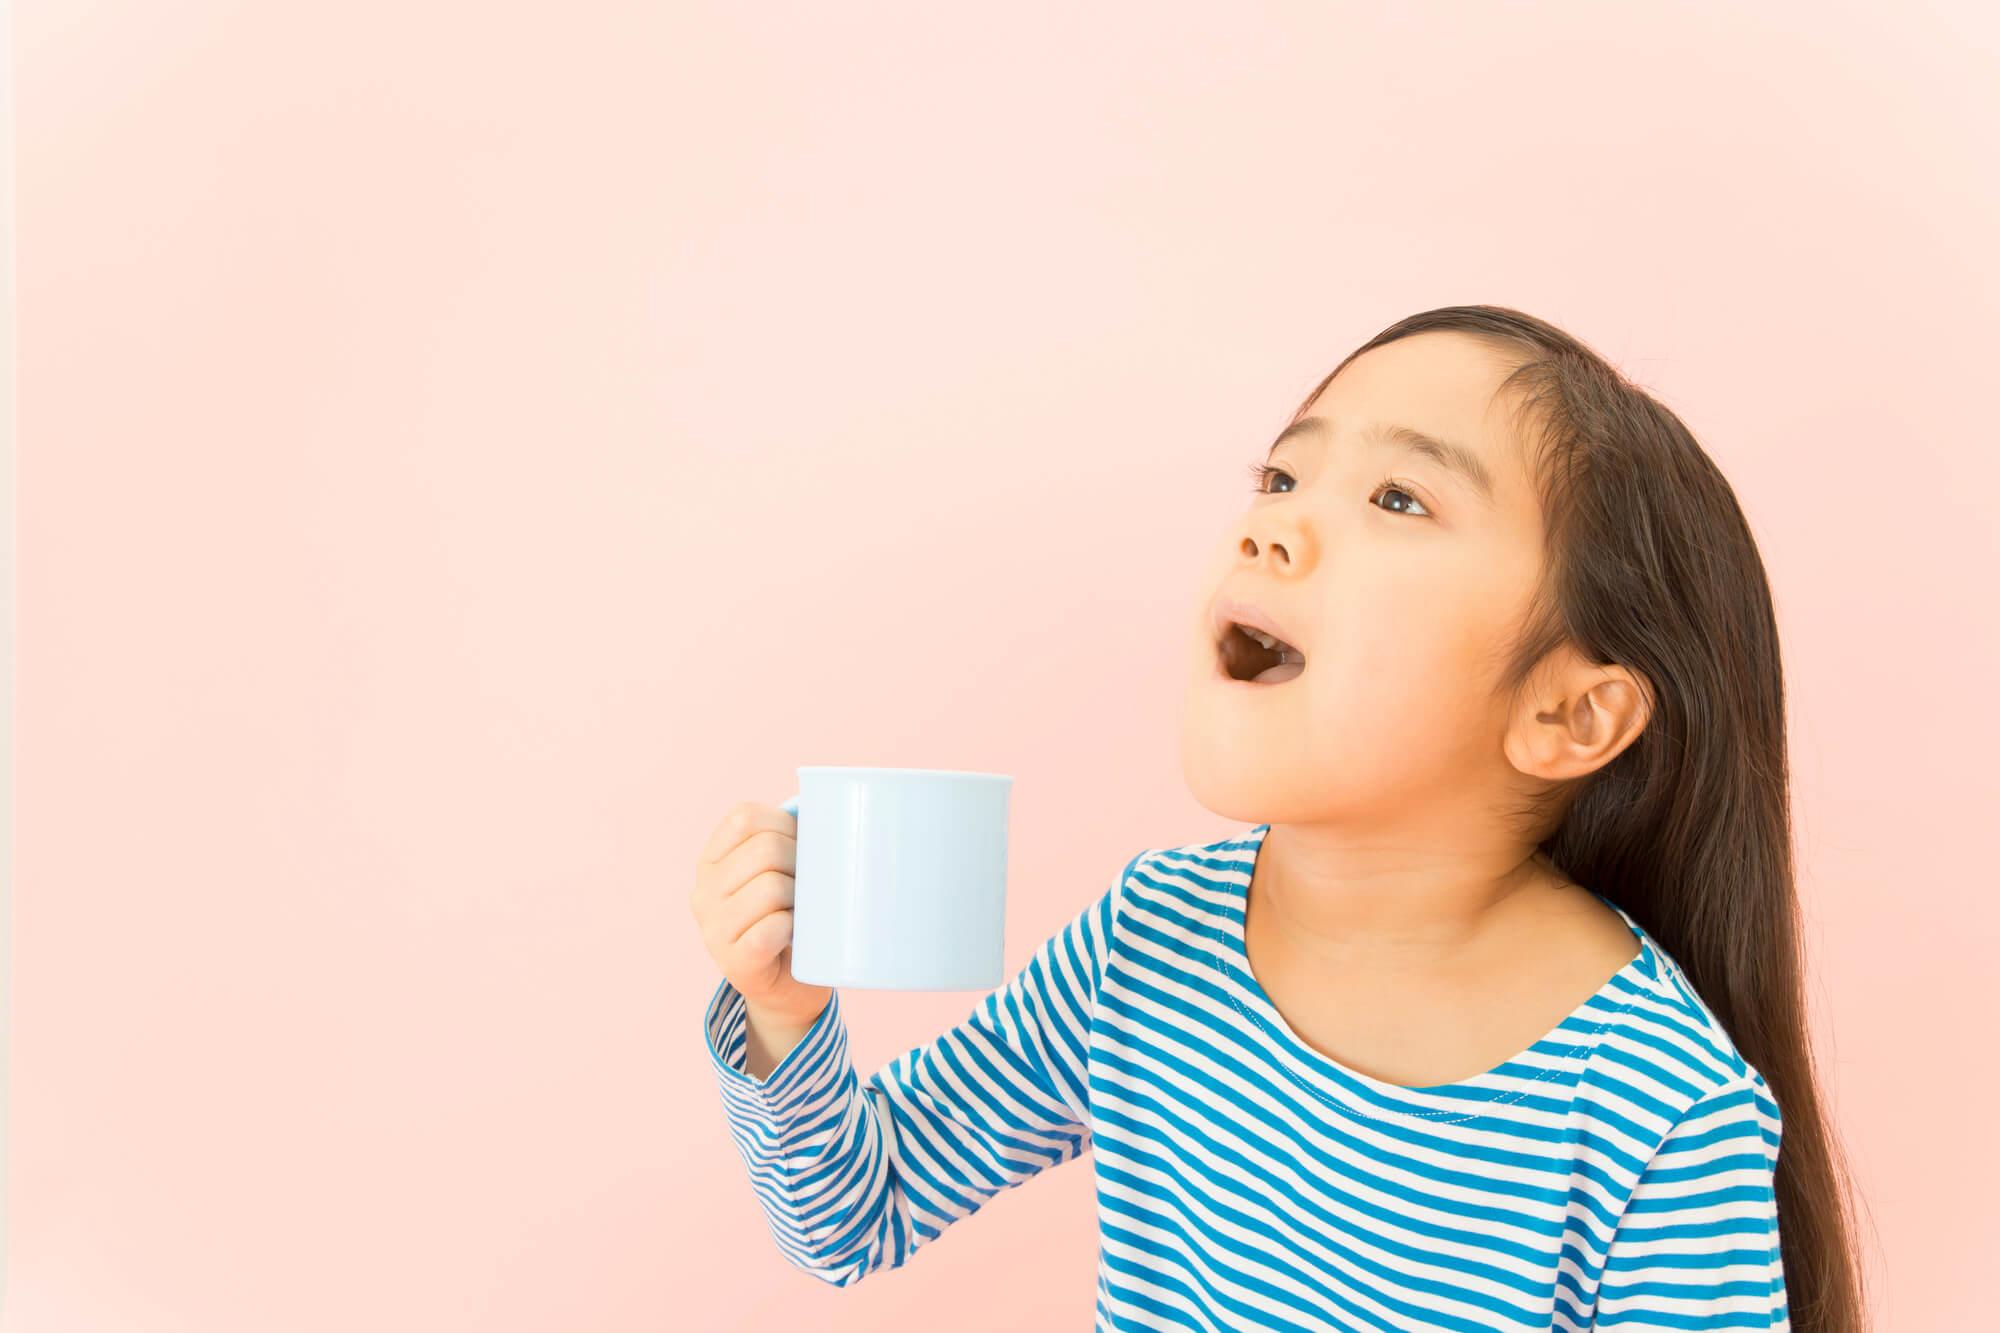 子どもにはピーチ味! 美味しい味でインフルエンザを予防